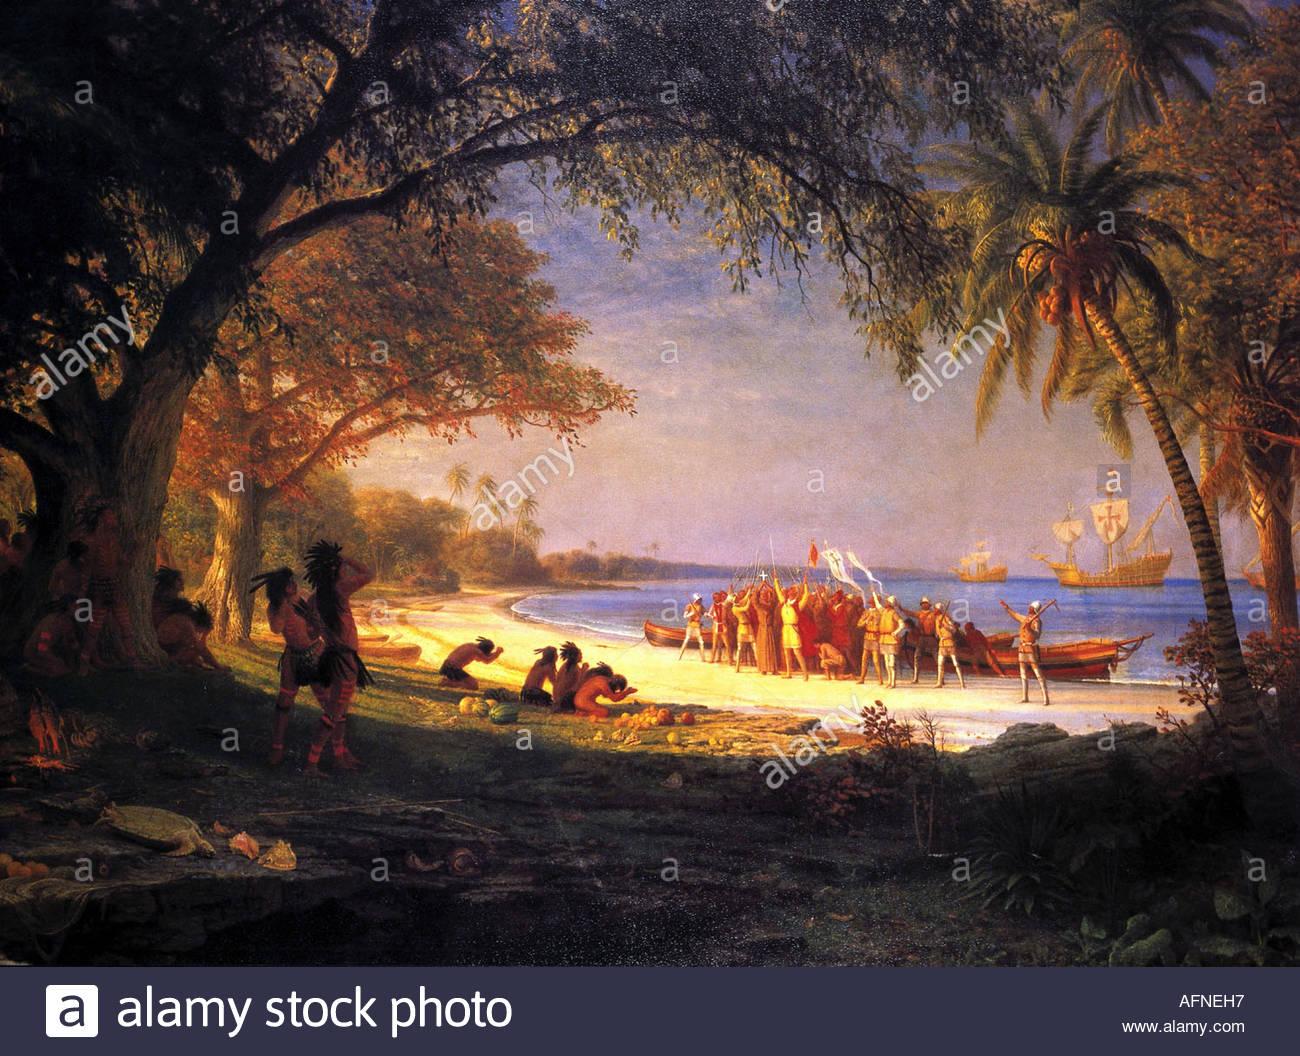 Columbus, Christopher, 1451 - 20.5.1506, italienische Entdecker, Szene, Ankunft am Guanahani, 12.10.1492, Historienmalerei, Stockfoto